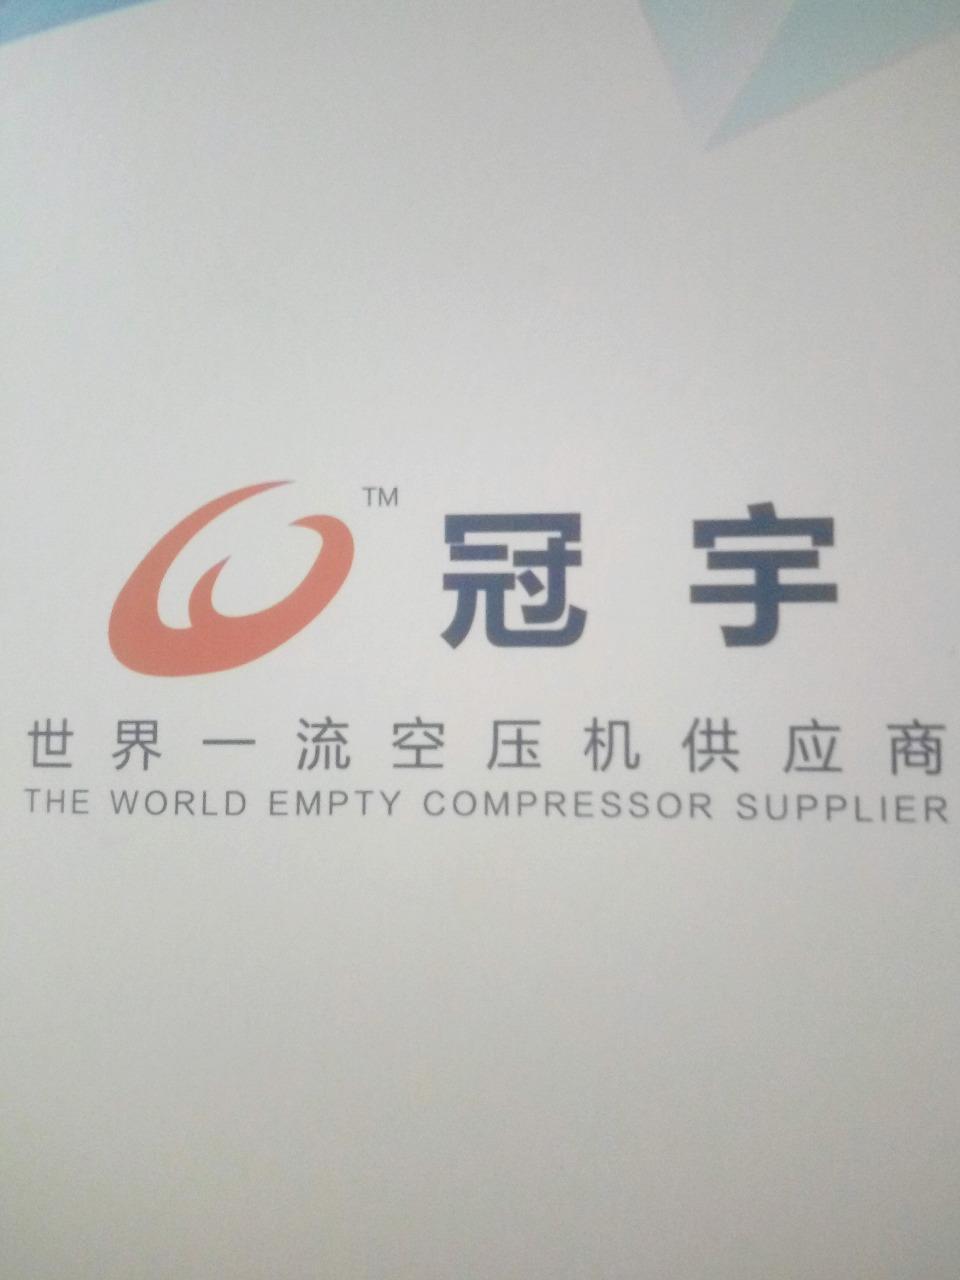 潍坊冠宇压缩机有限公司 最新采购和商业信息